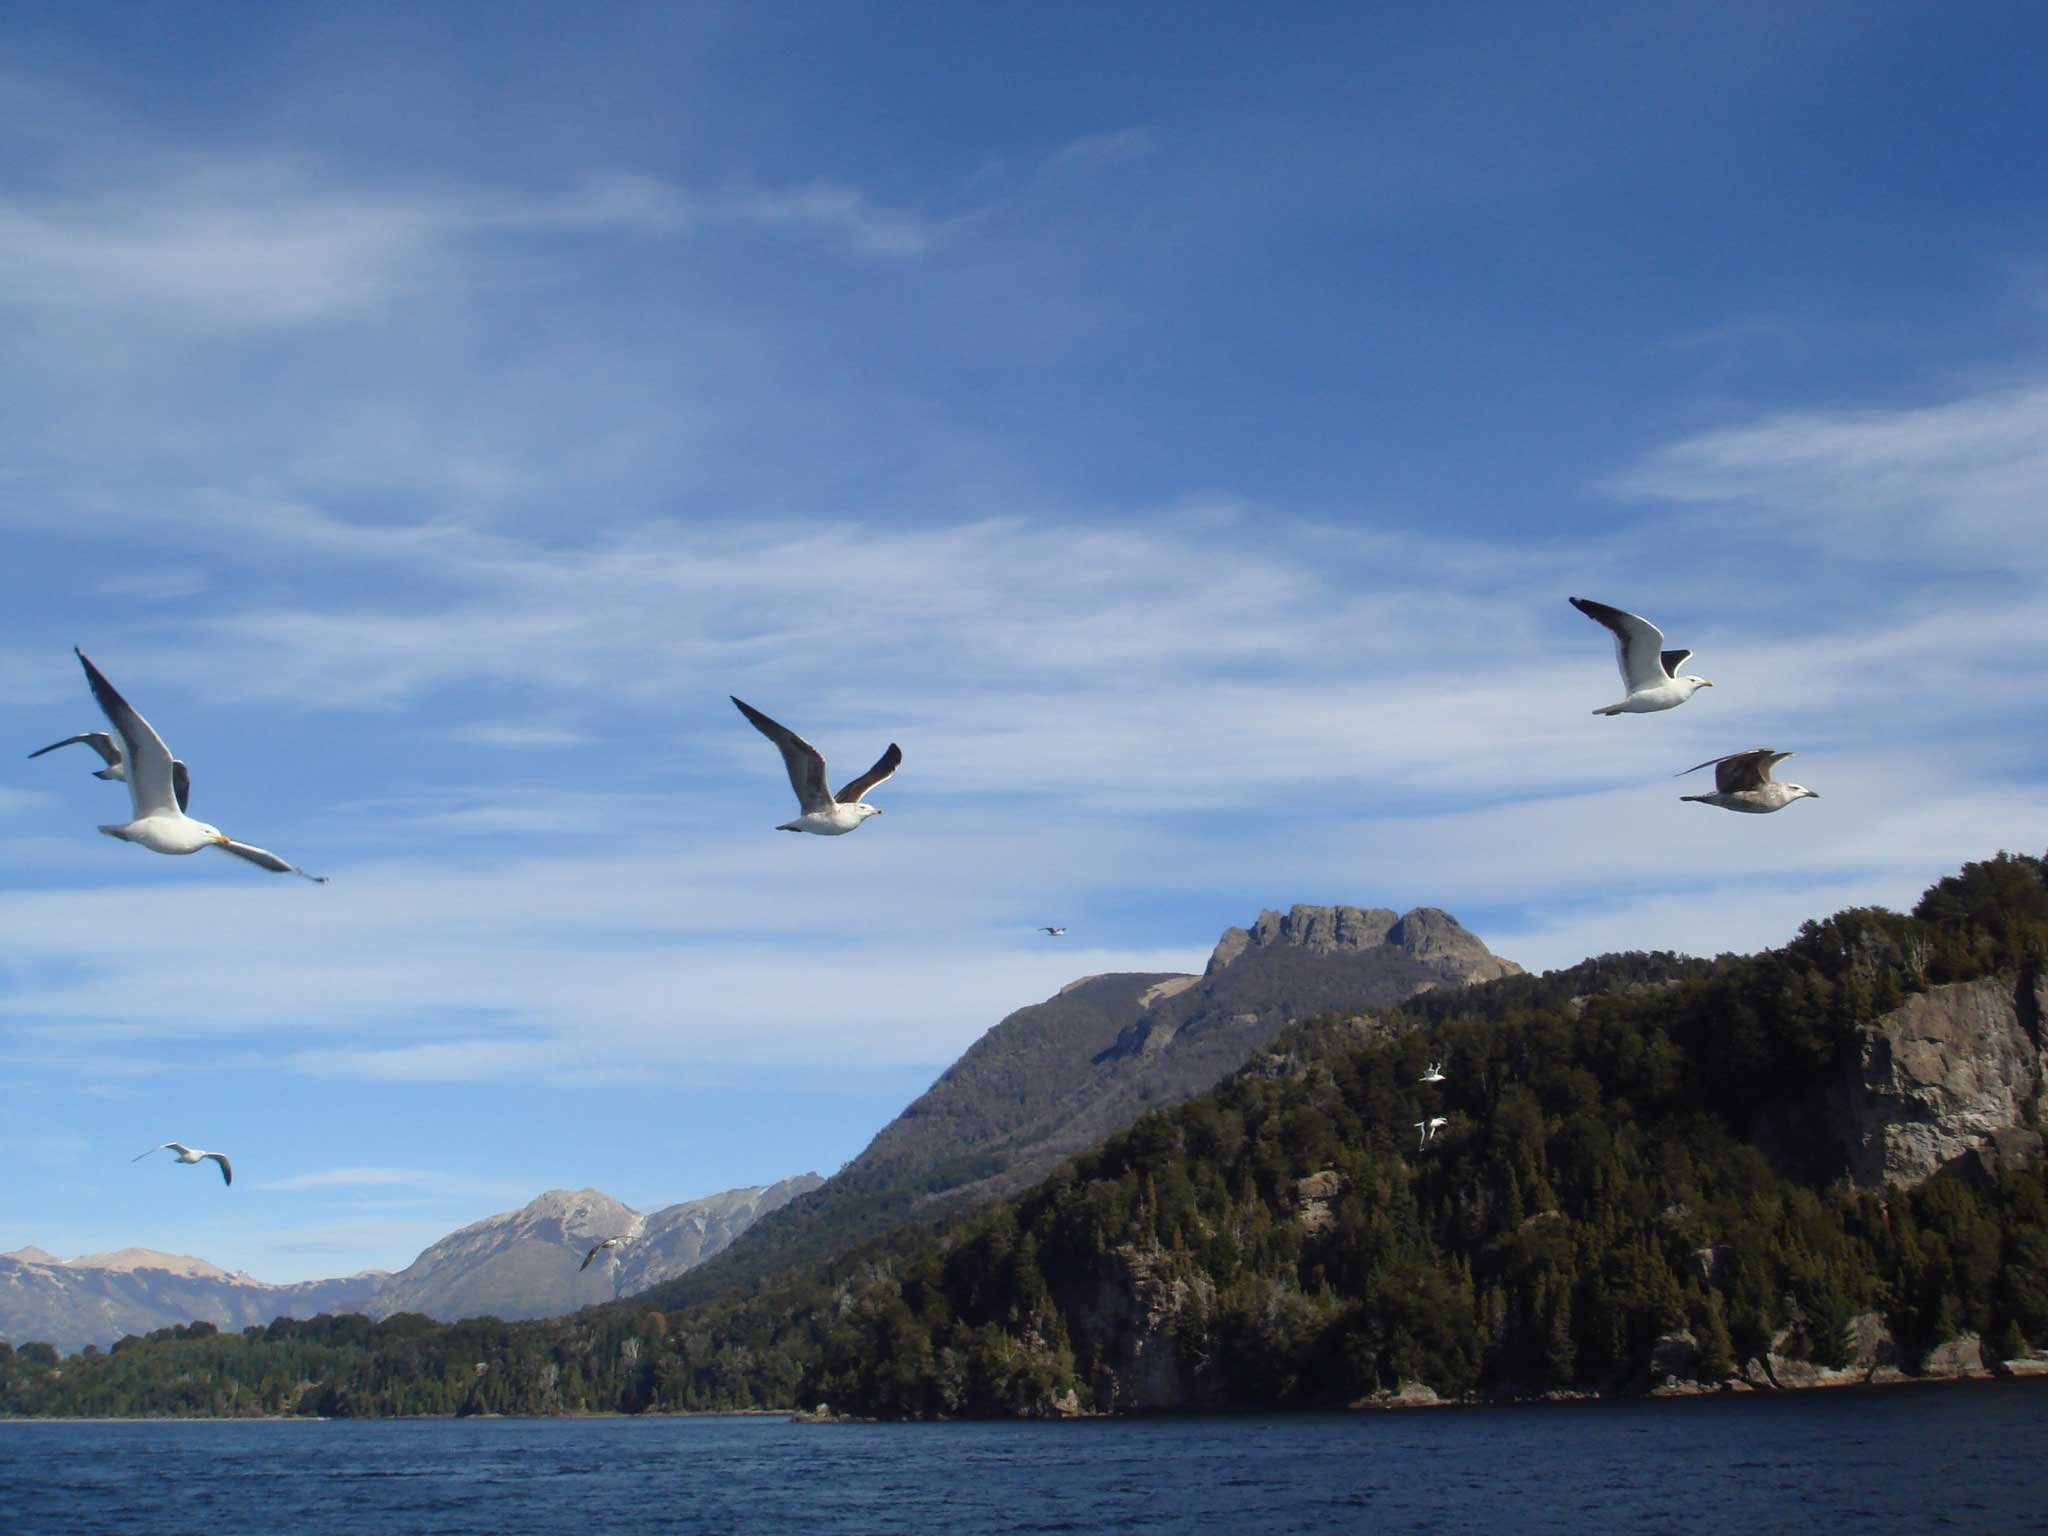 Gaivotas voando ao nosso lado no catamarã Cau Cau indo para Isla Victoria